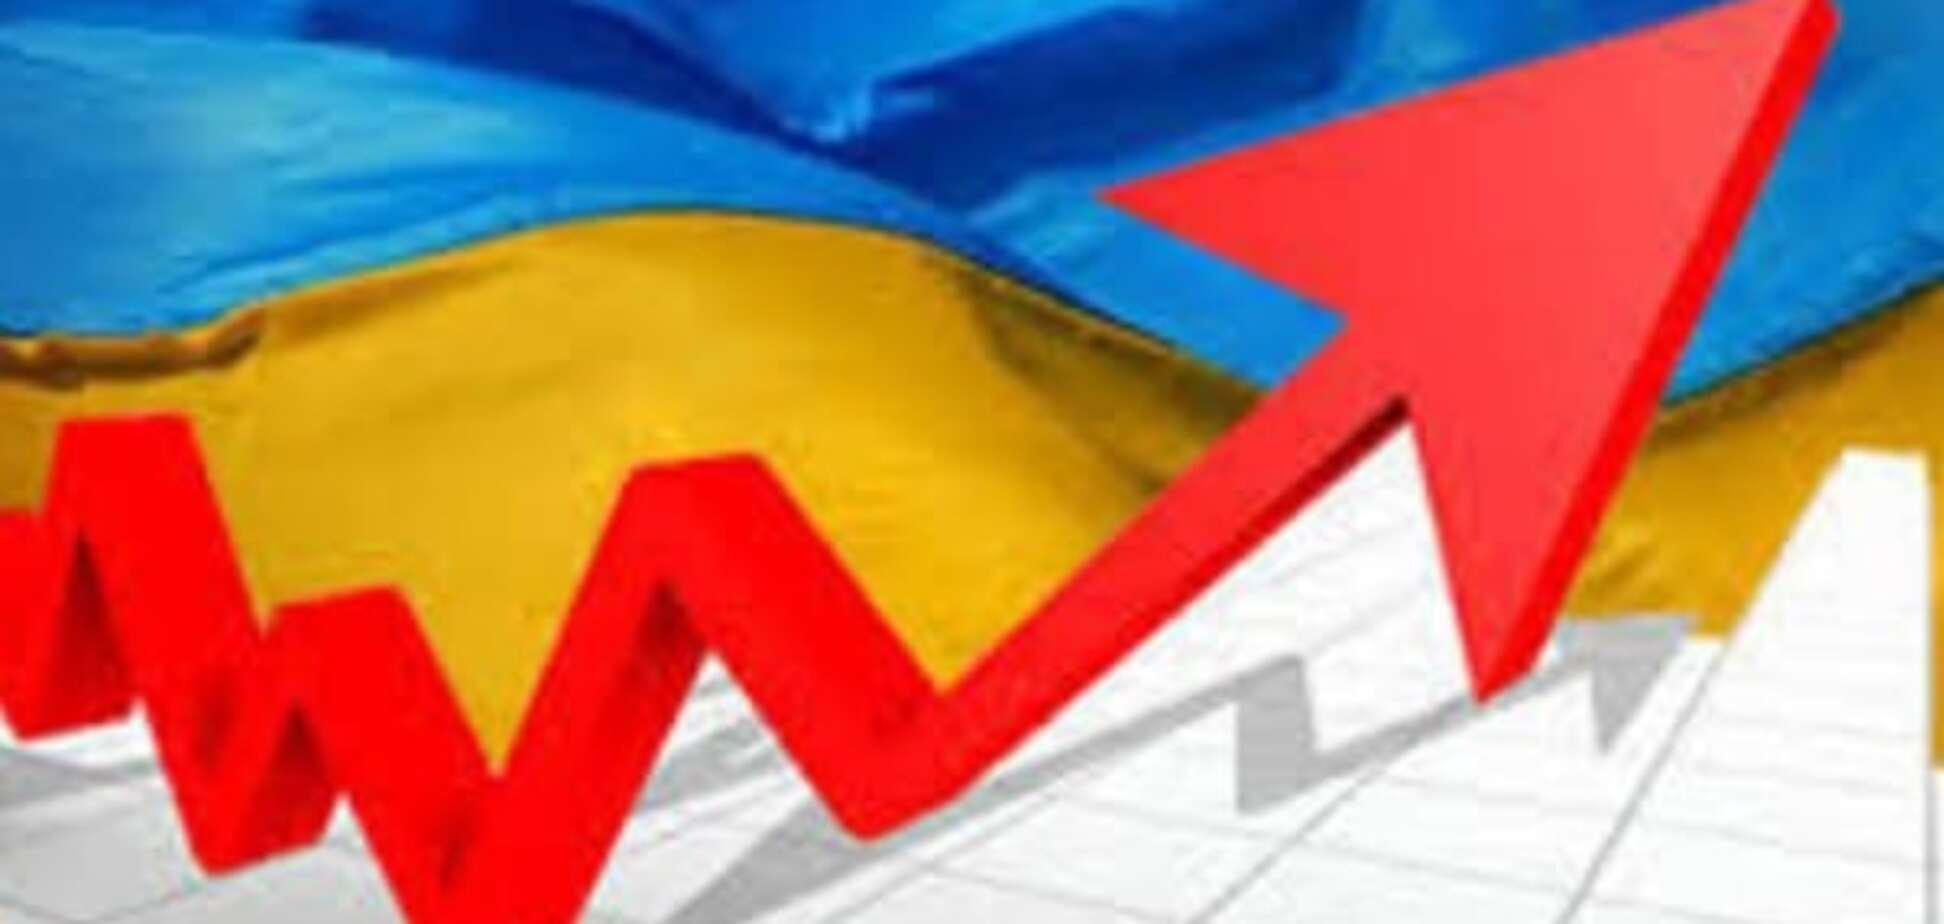 Эксперты рассказали о прогнозах для украинской экономики на 2016 год. Инфографика